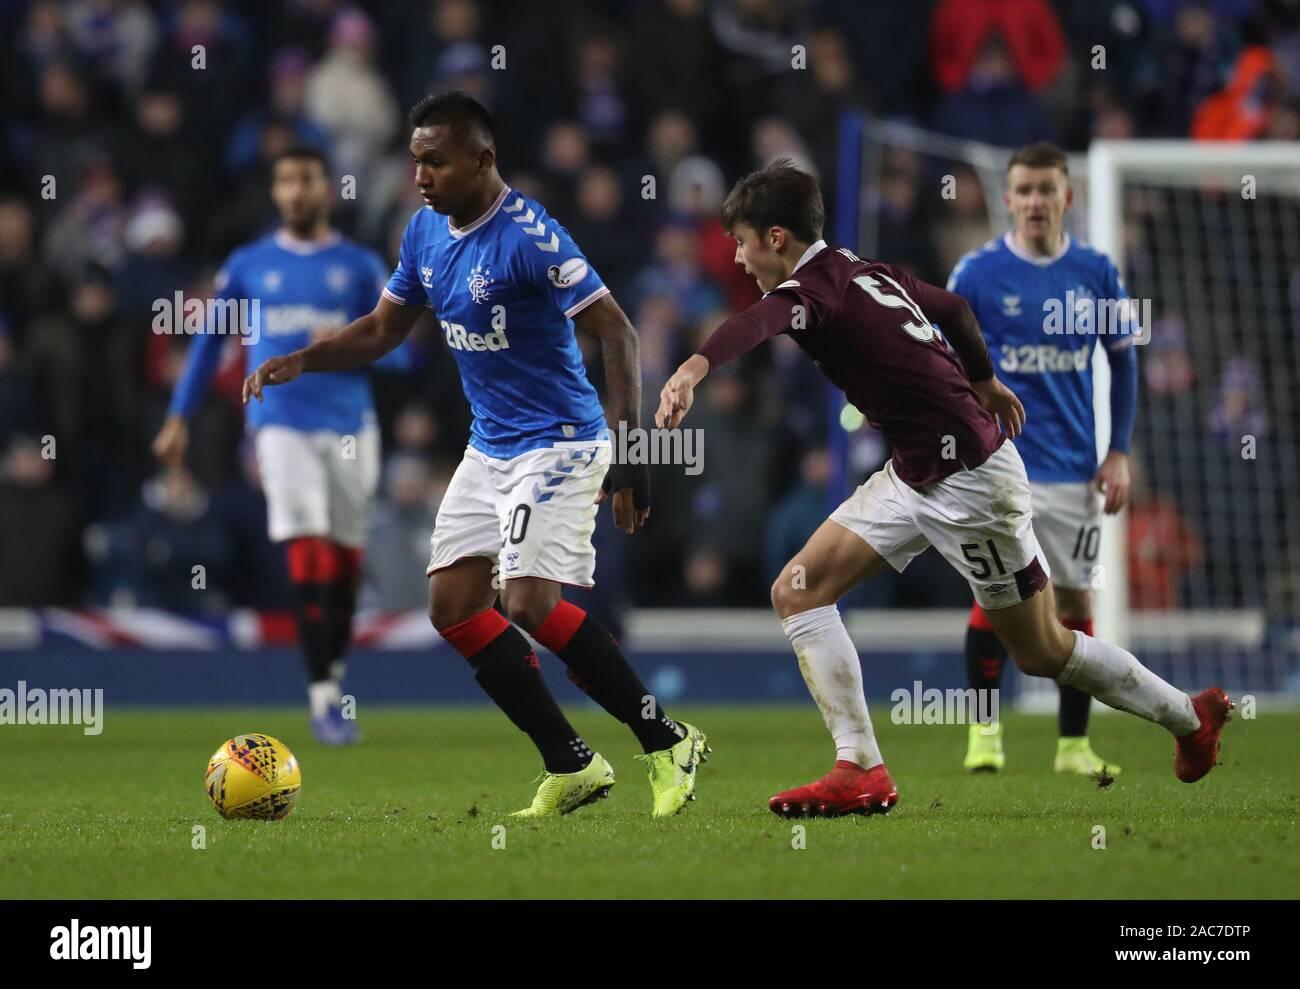 Rangers Alfedo Morelos (izquierda) desafíos corazones Aaron Hickey durante el partido de Premiership Escocés de Ladbrokes en Ibrox Stadium, Glasgow. Foto de stock